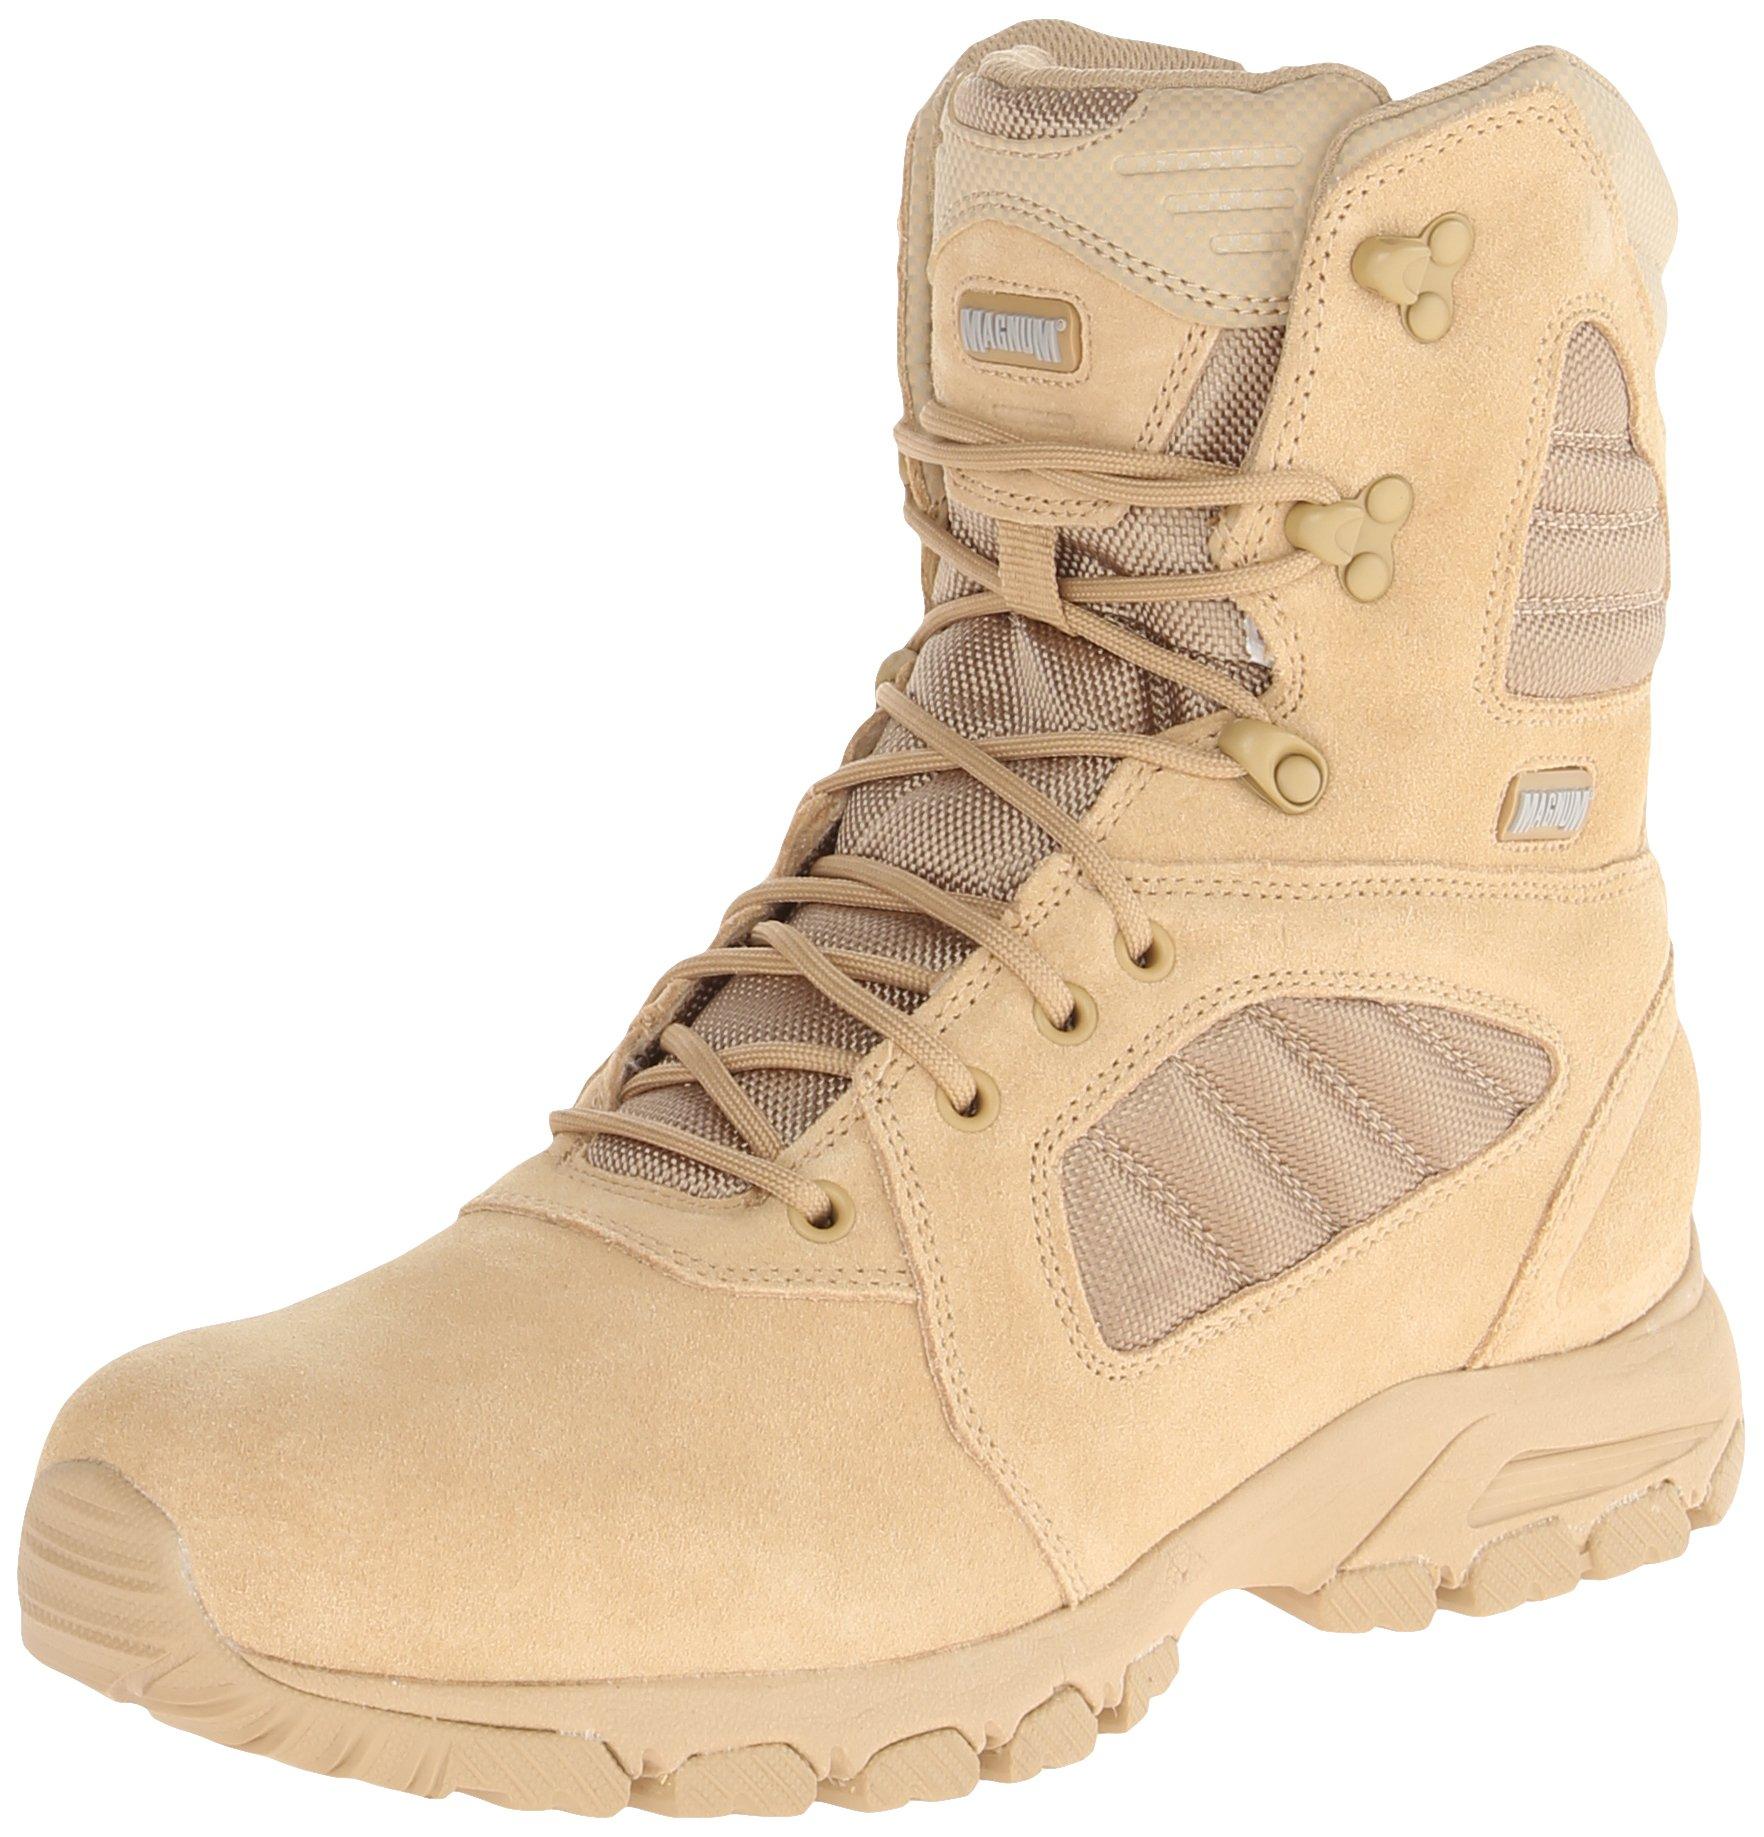 Magnum Men's Response III 8.0 Side-Zip Slip Resistant Work Boot,Desert Tan,10.5 M US